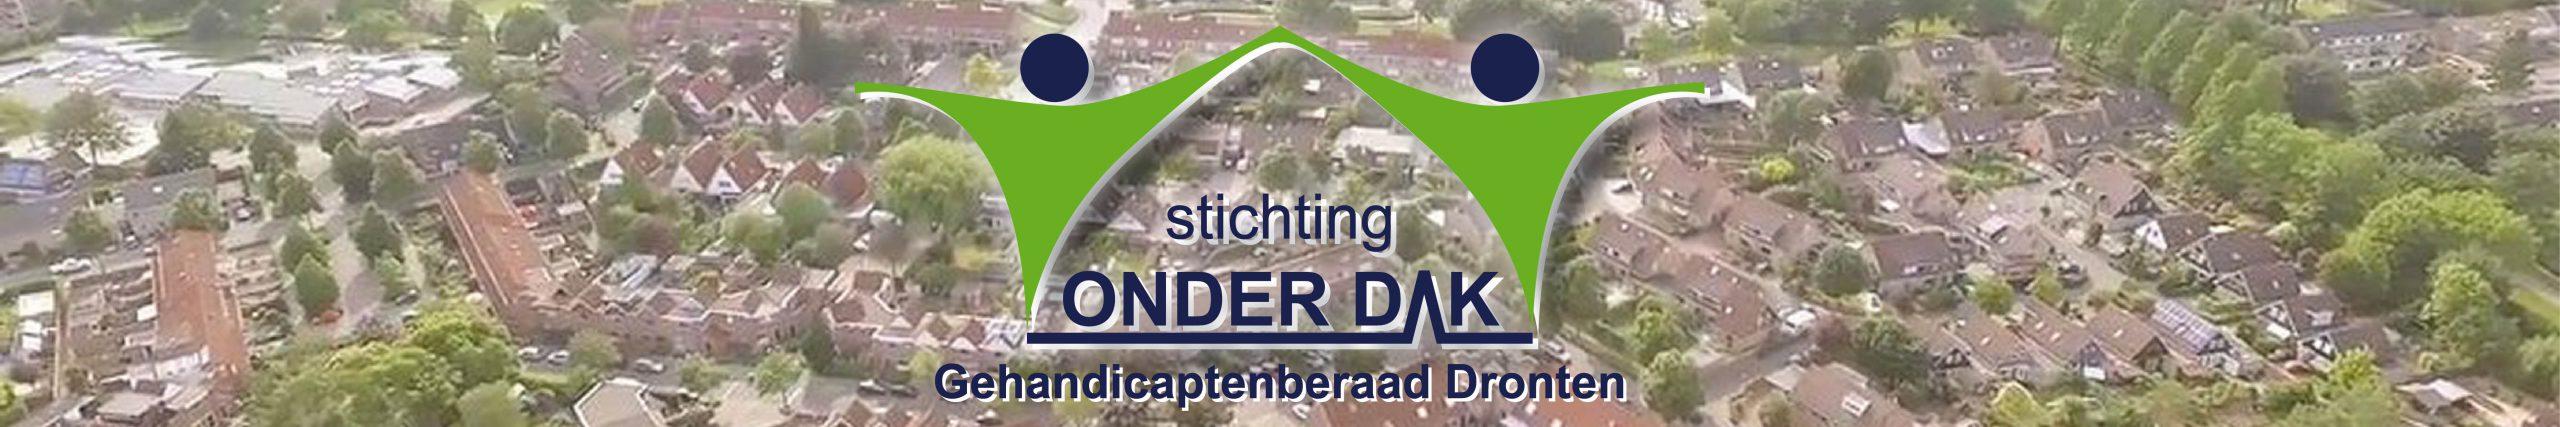 Stichting Onder Dak